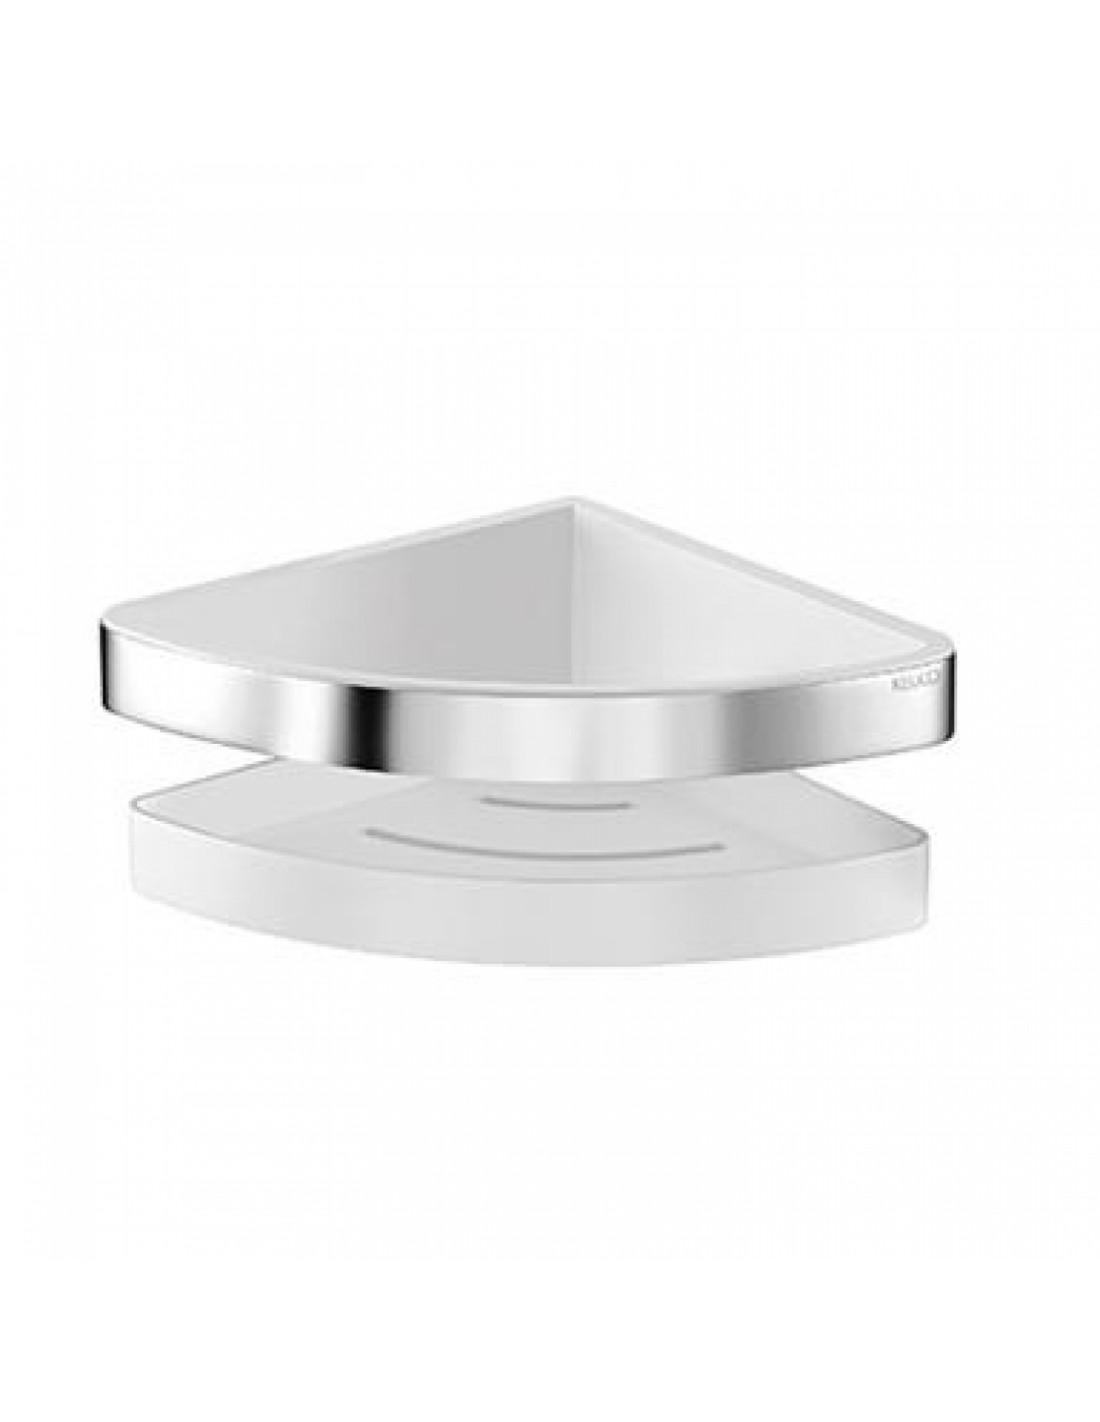 Porte savon d'angle de douche Moll été créée par KEUCO